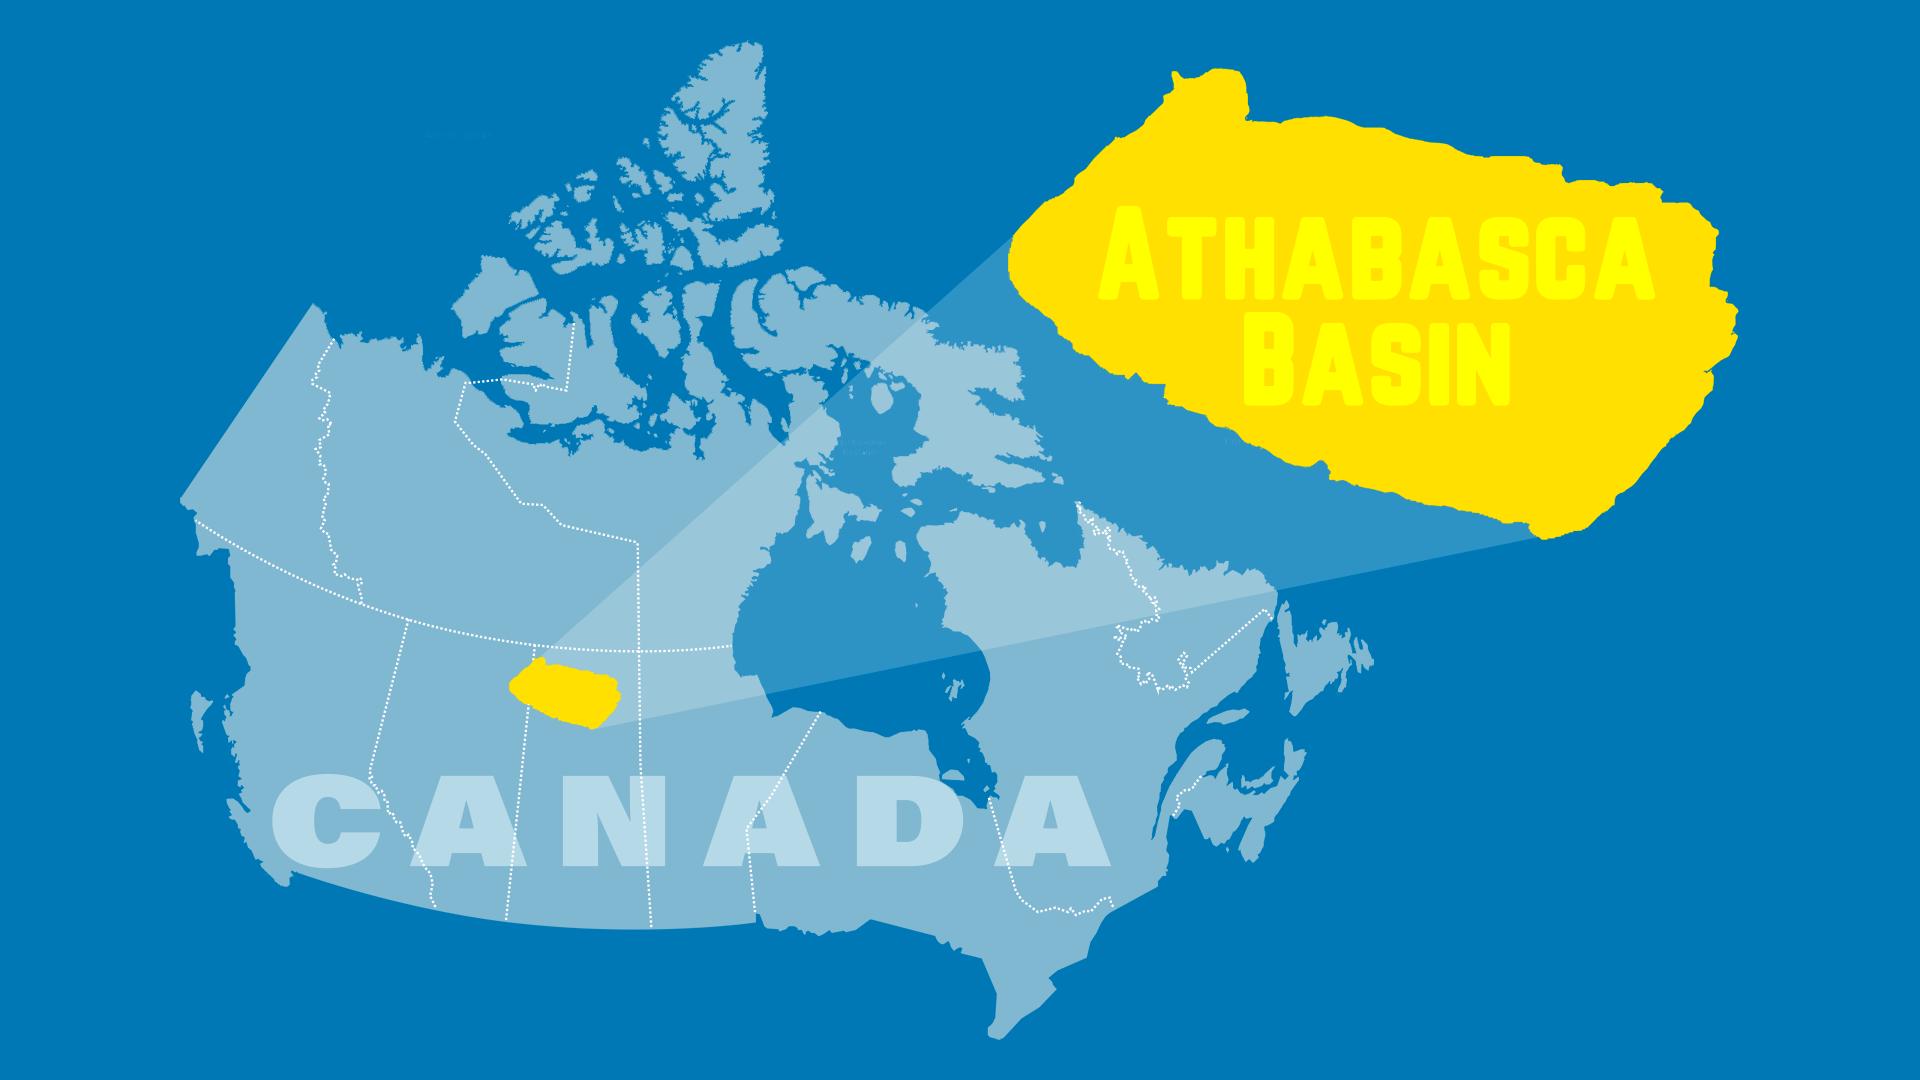 canada-map-athabaca-basin